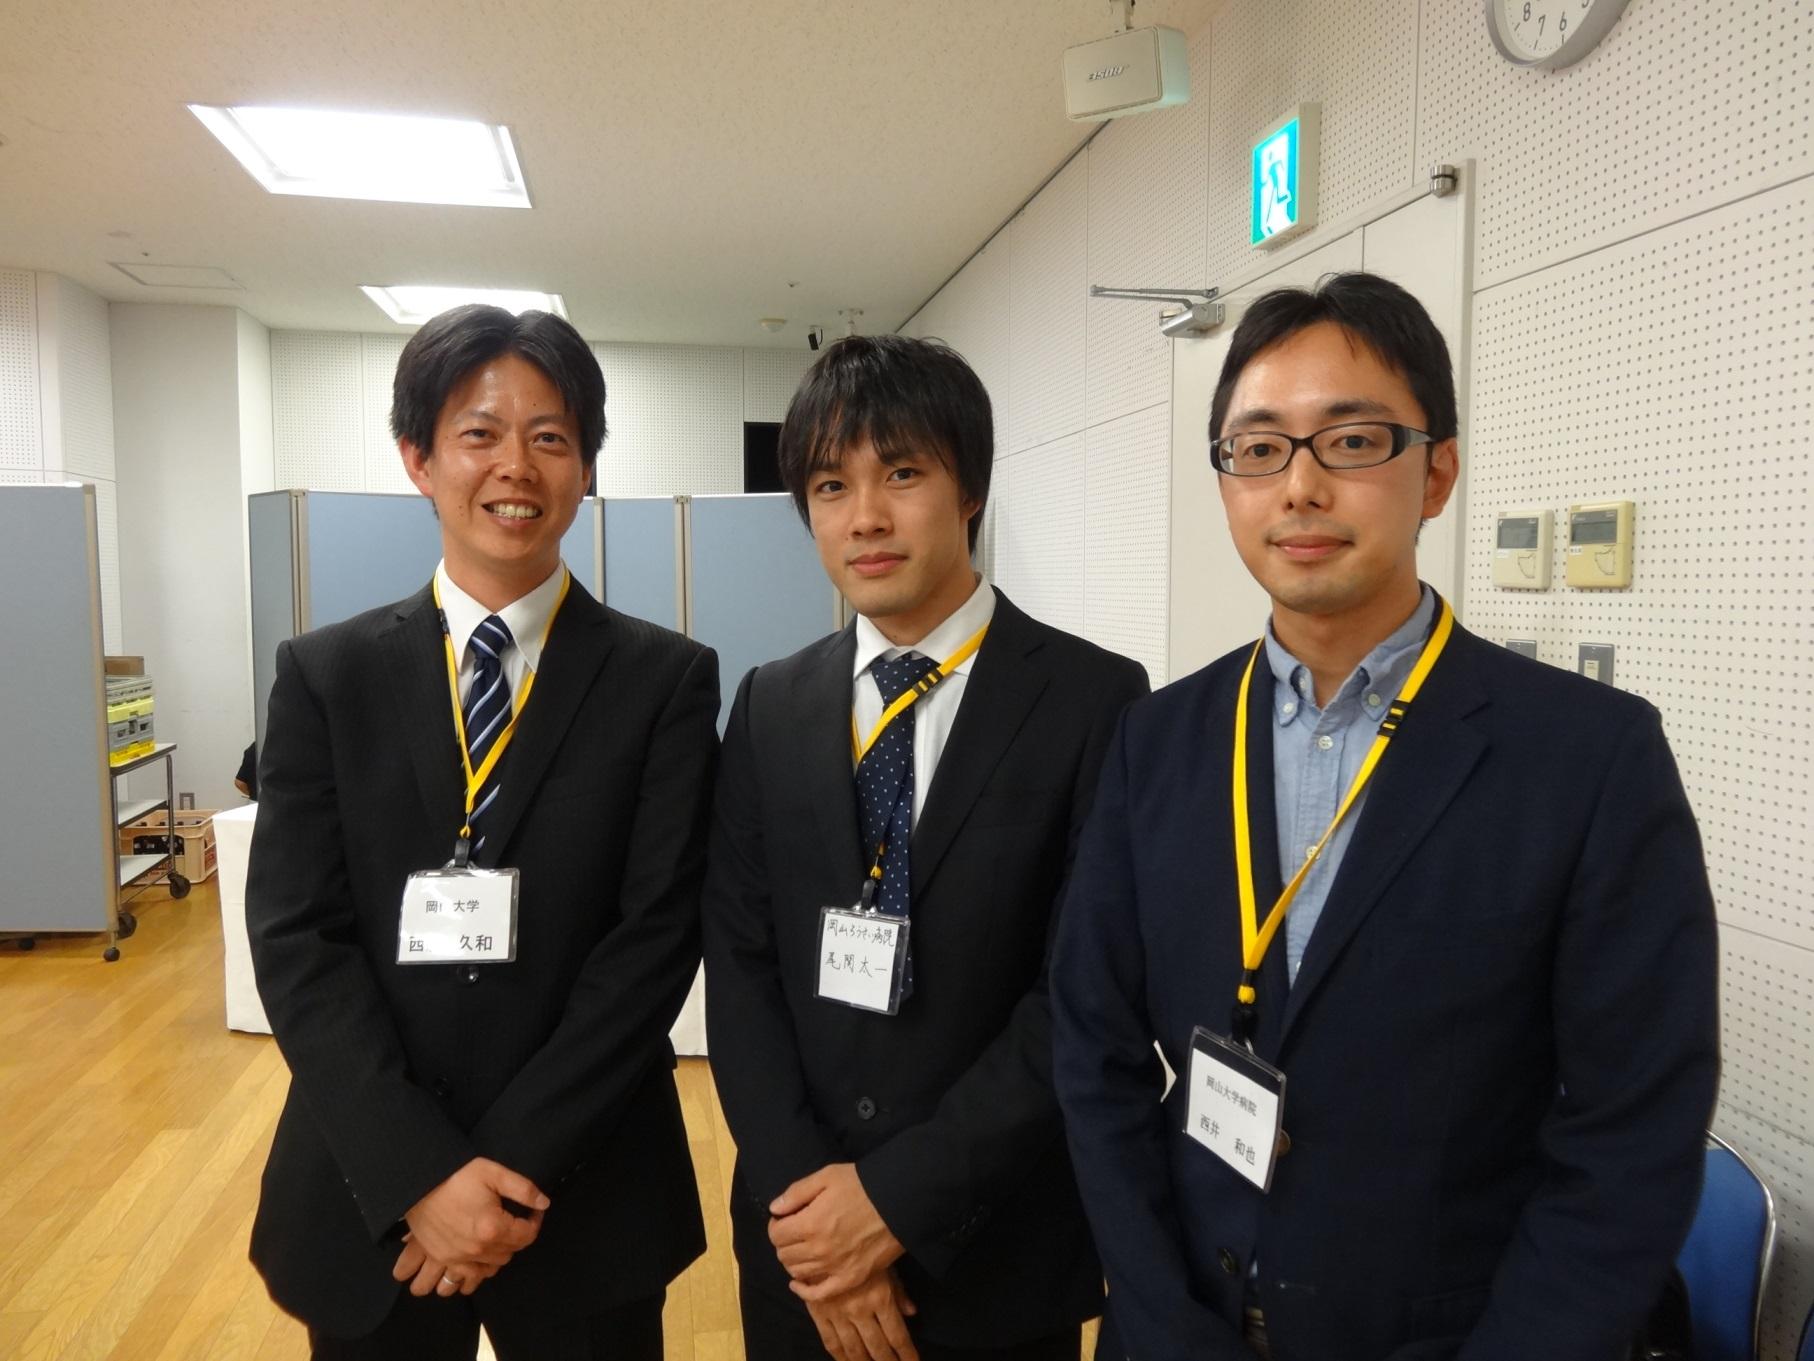 内科レジデントカンファレンス2015 in OKAYAMA (情報交換会2)